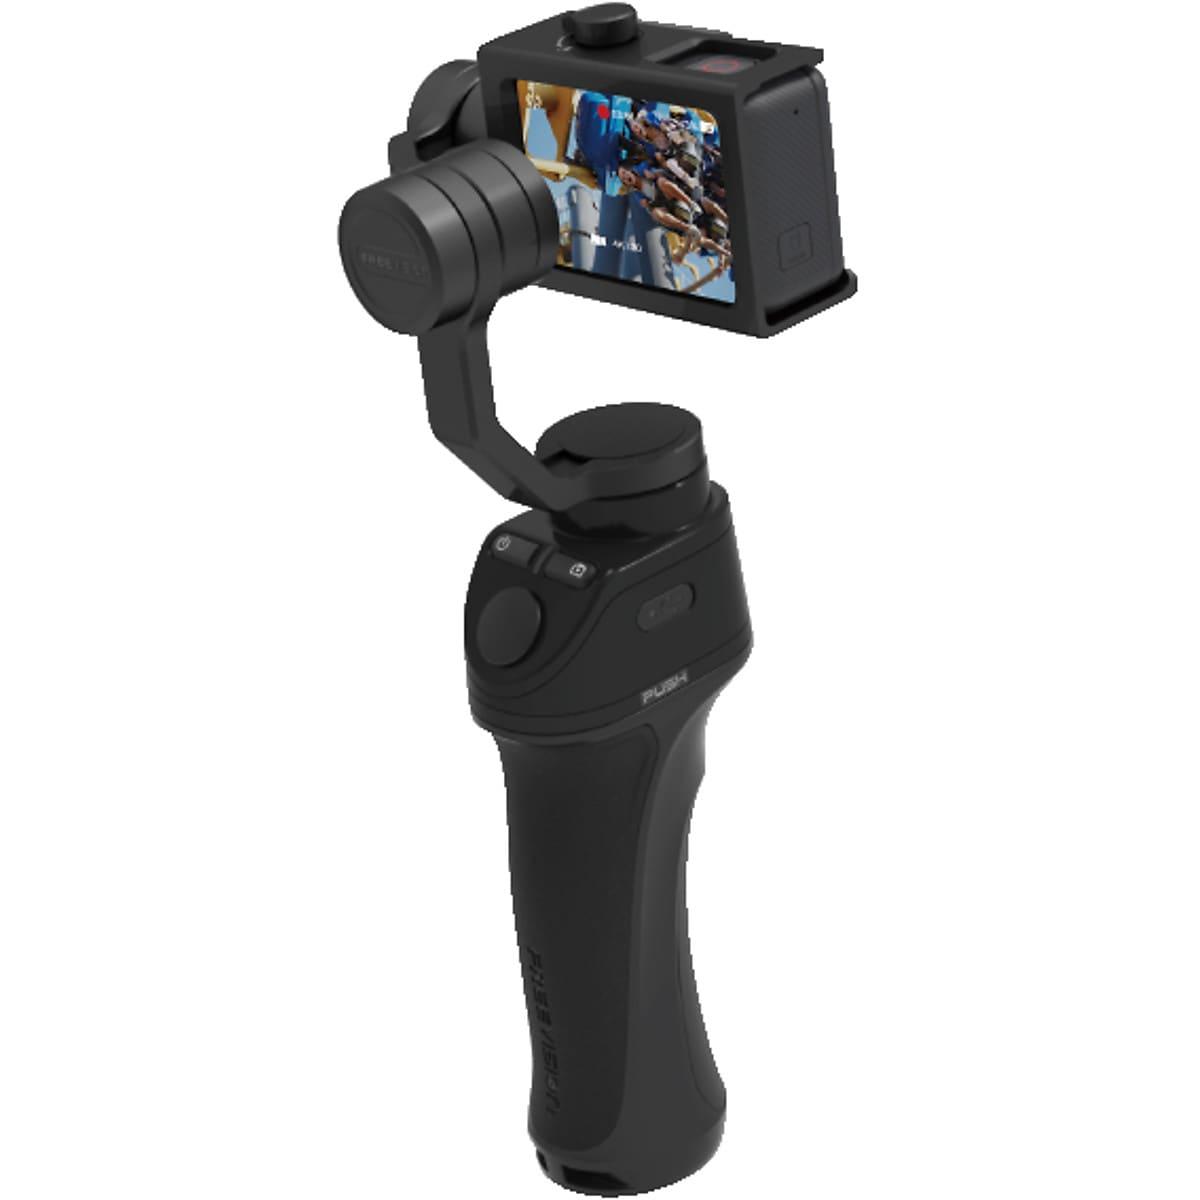 Gimbaali GoPro Hero 3/4/5/6, Freevision Vilta G